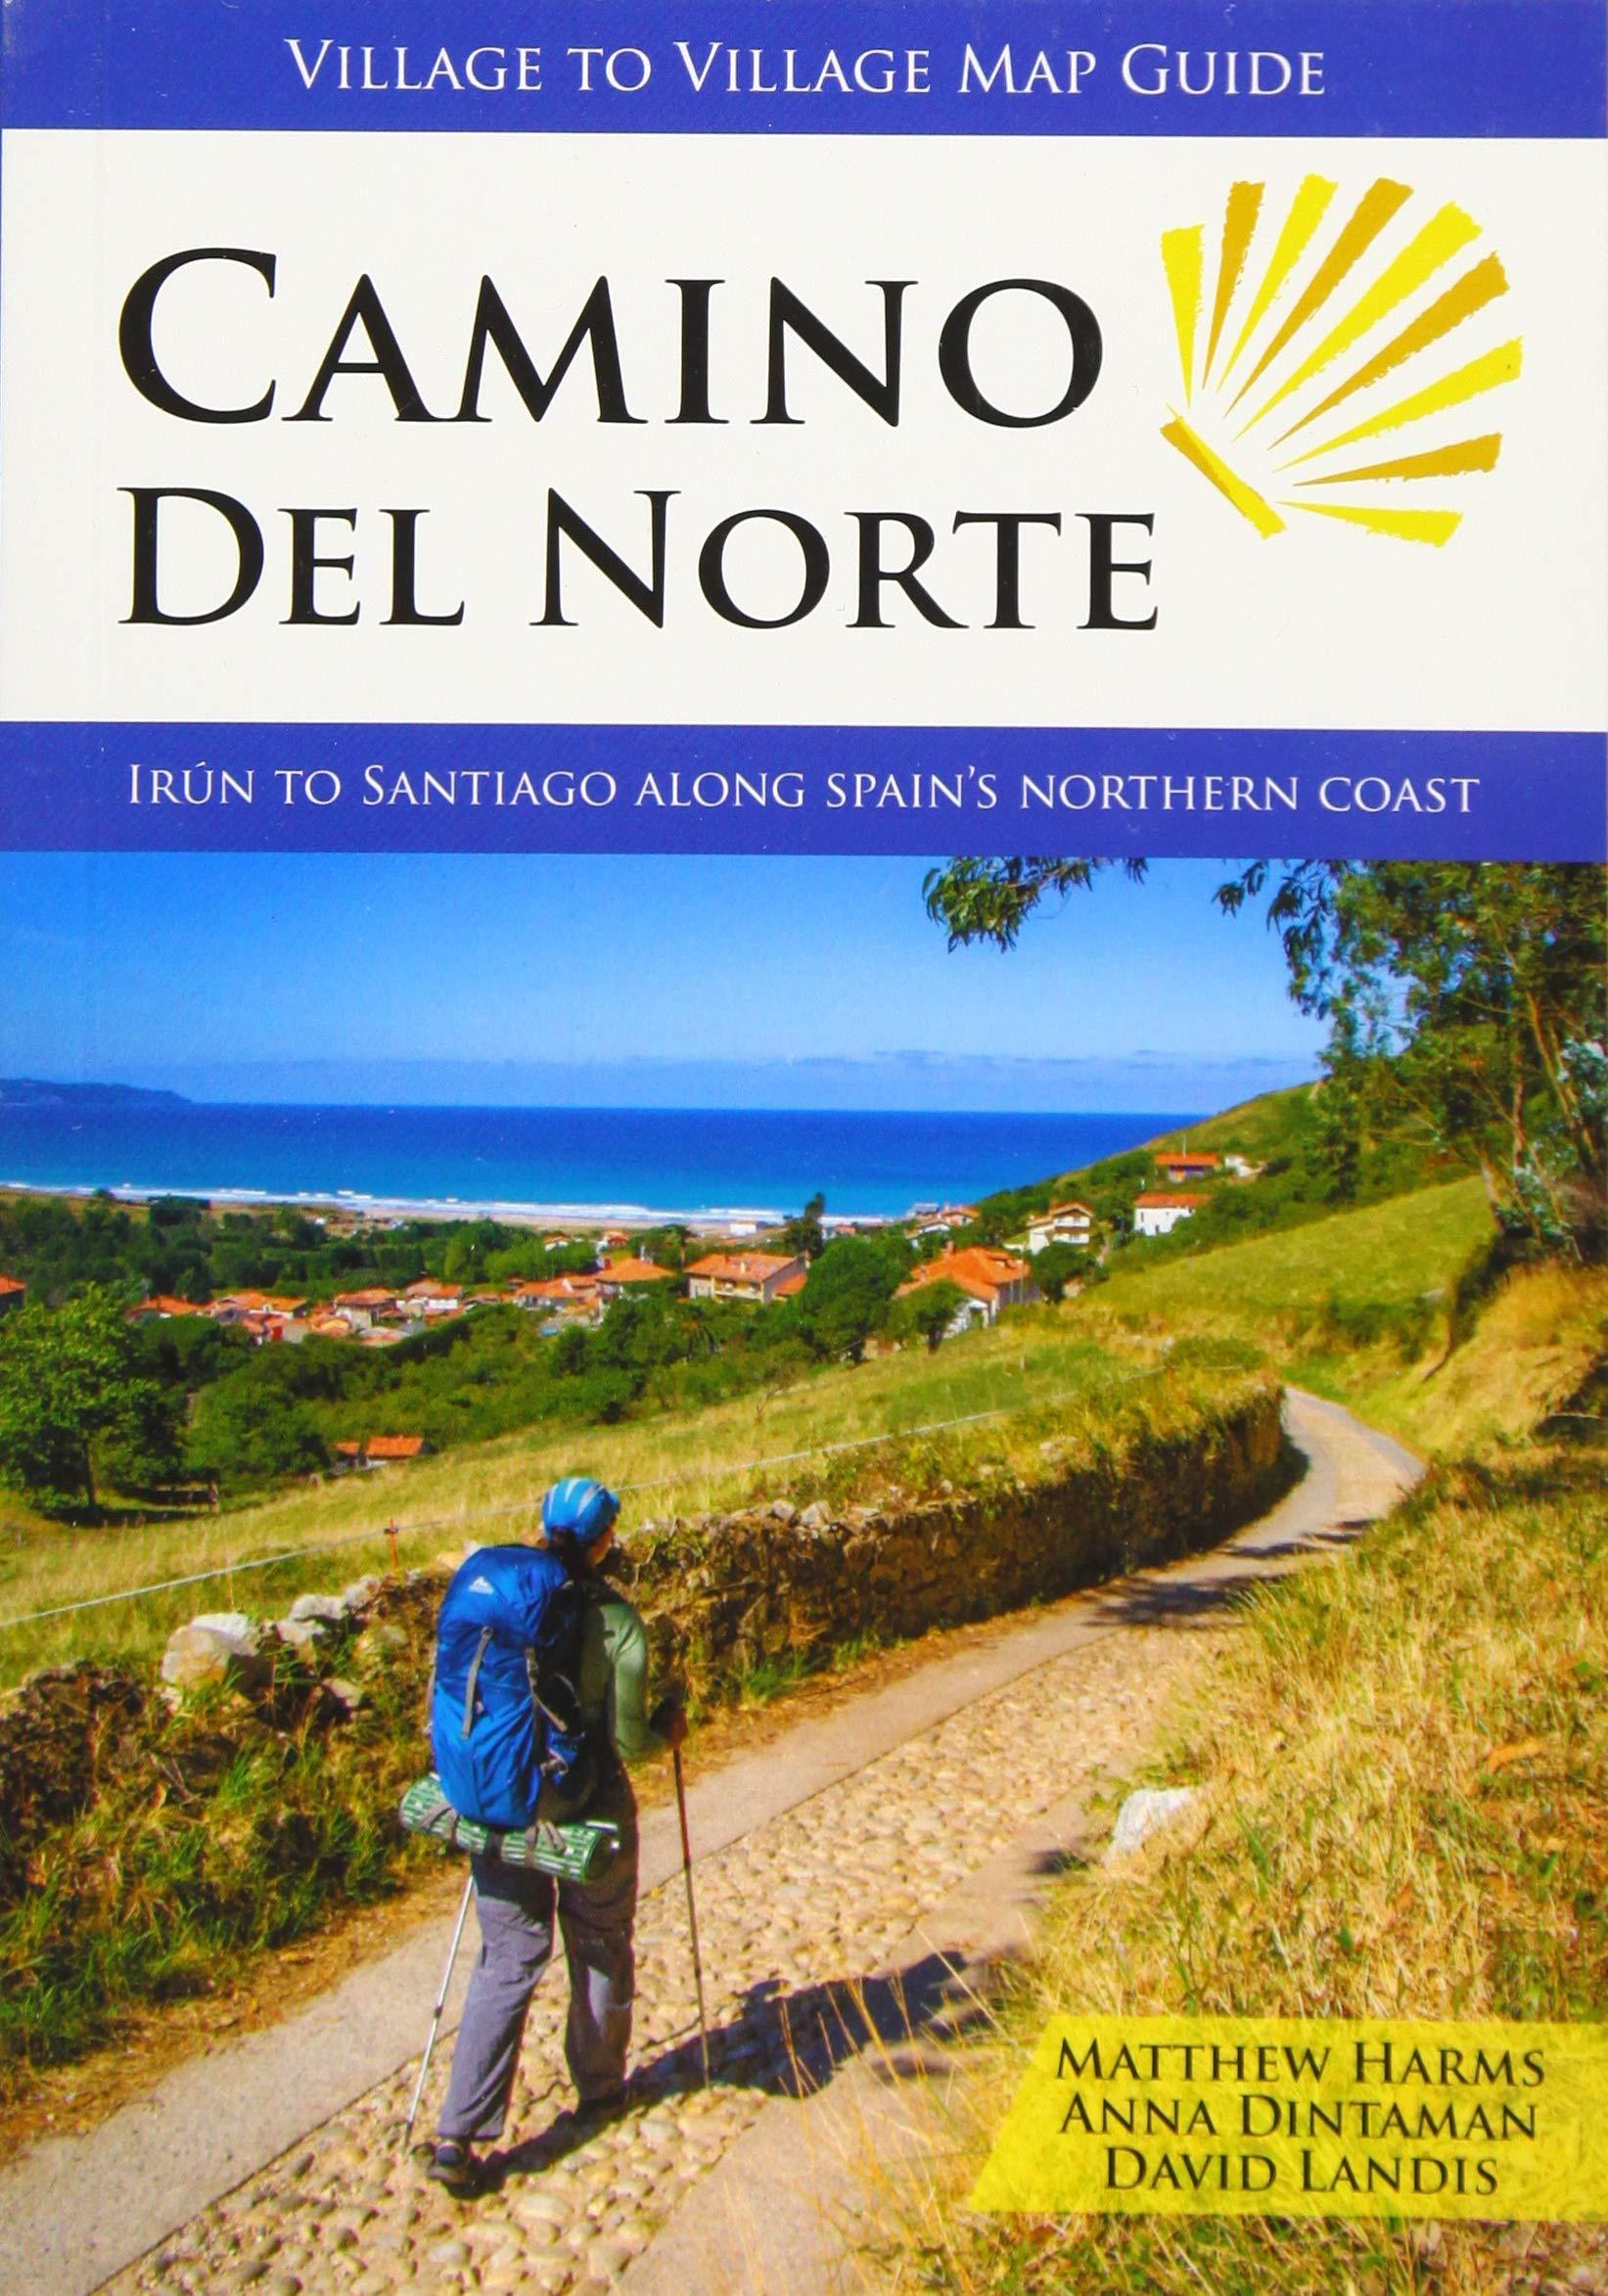 Mapa-Guía Camino Del Norte (IRÚN to Santiago): Amazon.es: Matthew Harms, Anna Dintaman Y David Landis: Libros en idiomas extranjeros